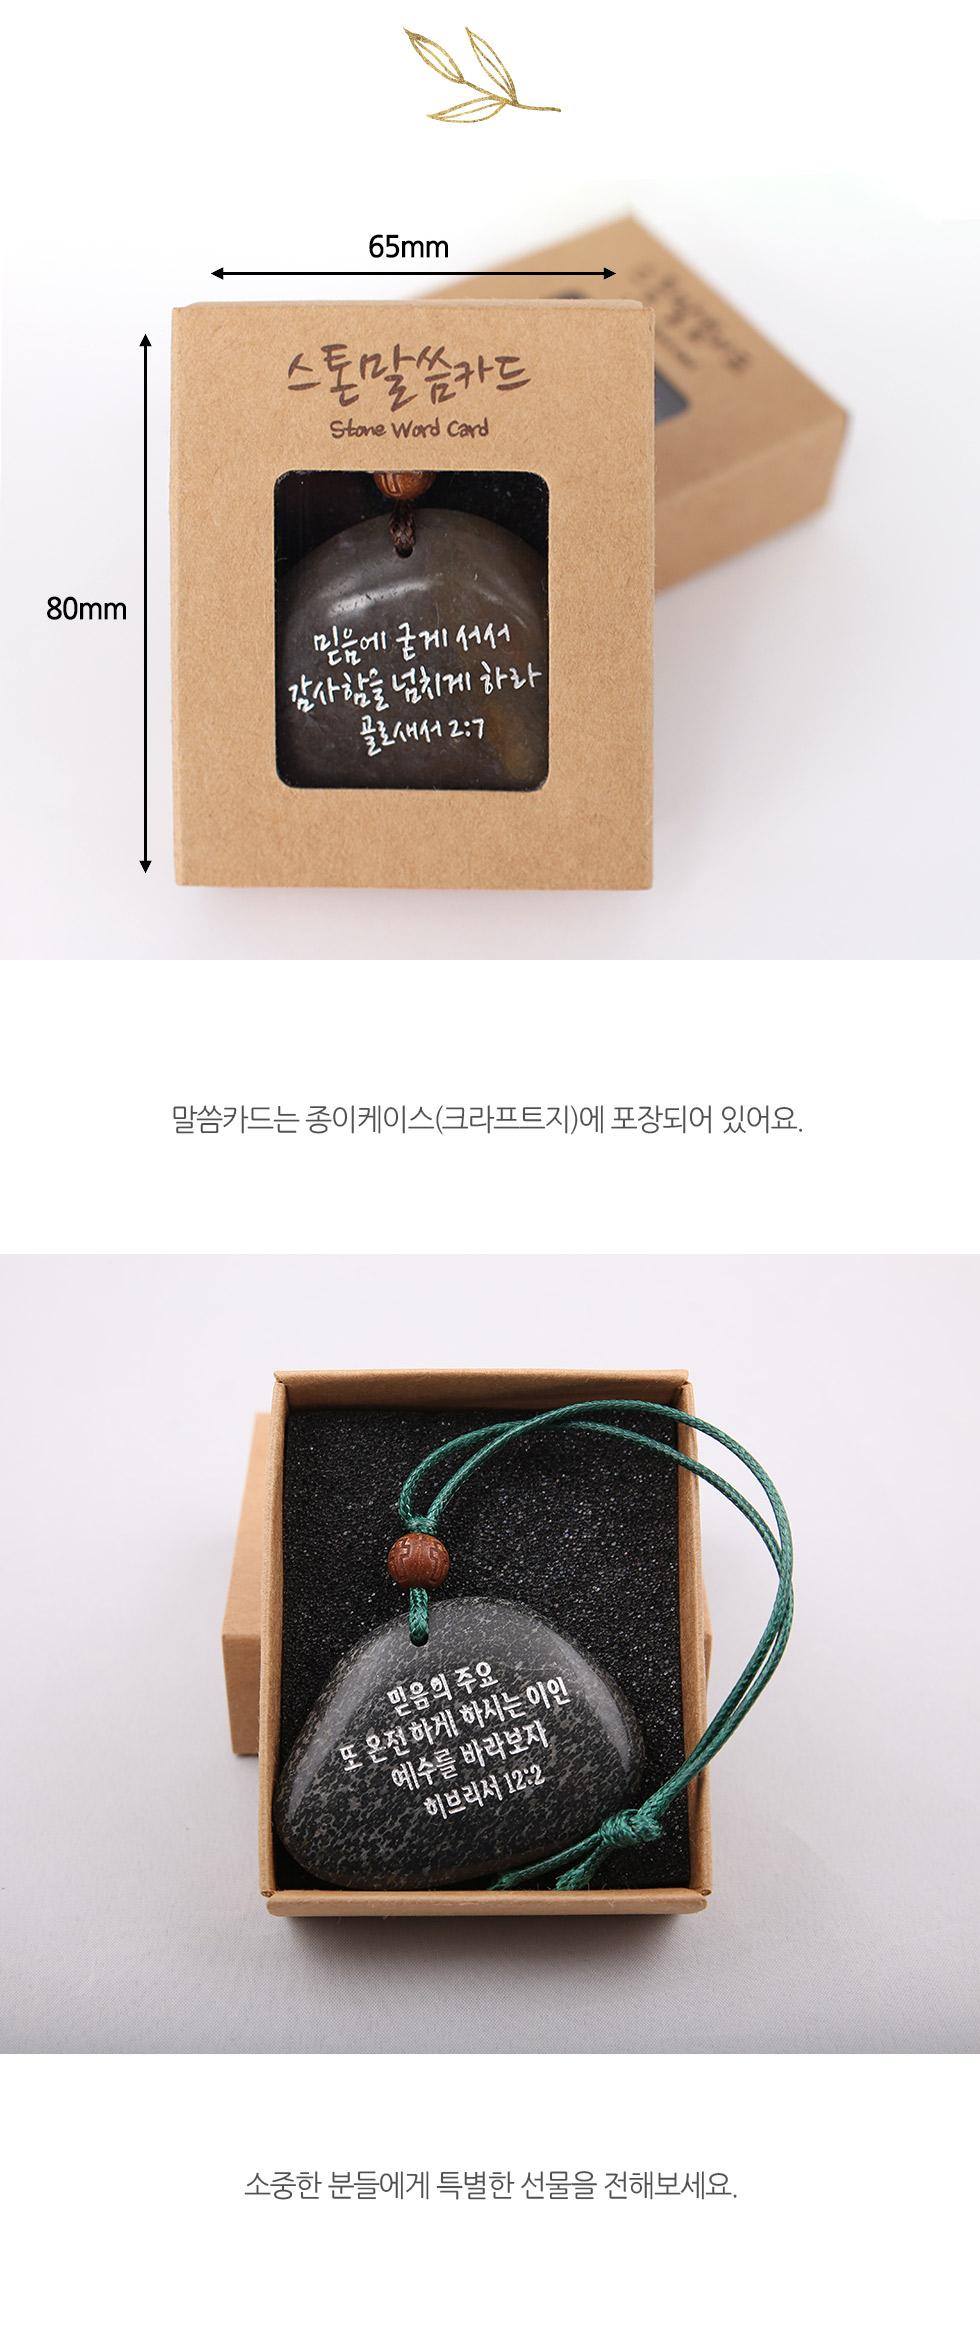 스톤말씀카드 - 랜덤박스 낱개판매 패키지 - 투명창이 있는 성냥갑형 종이상자